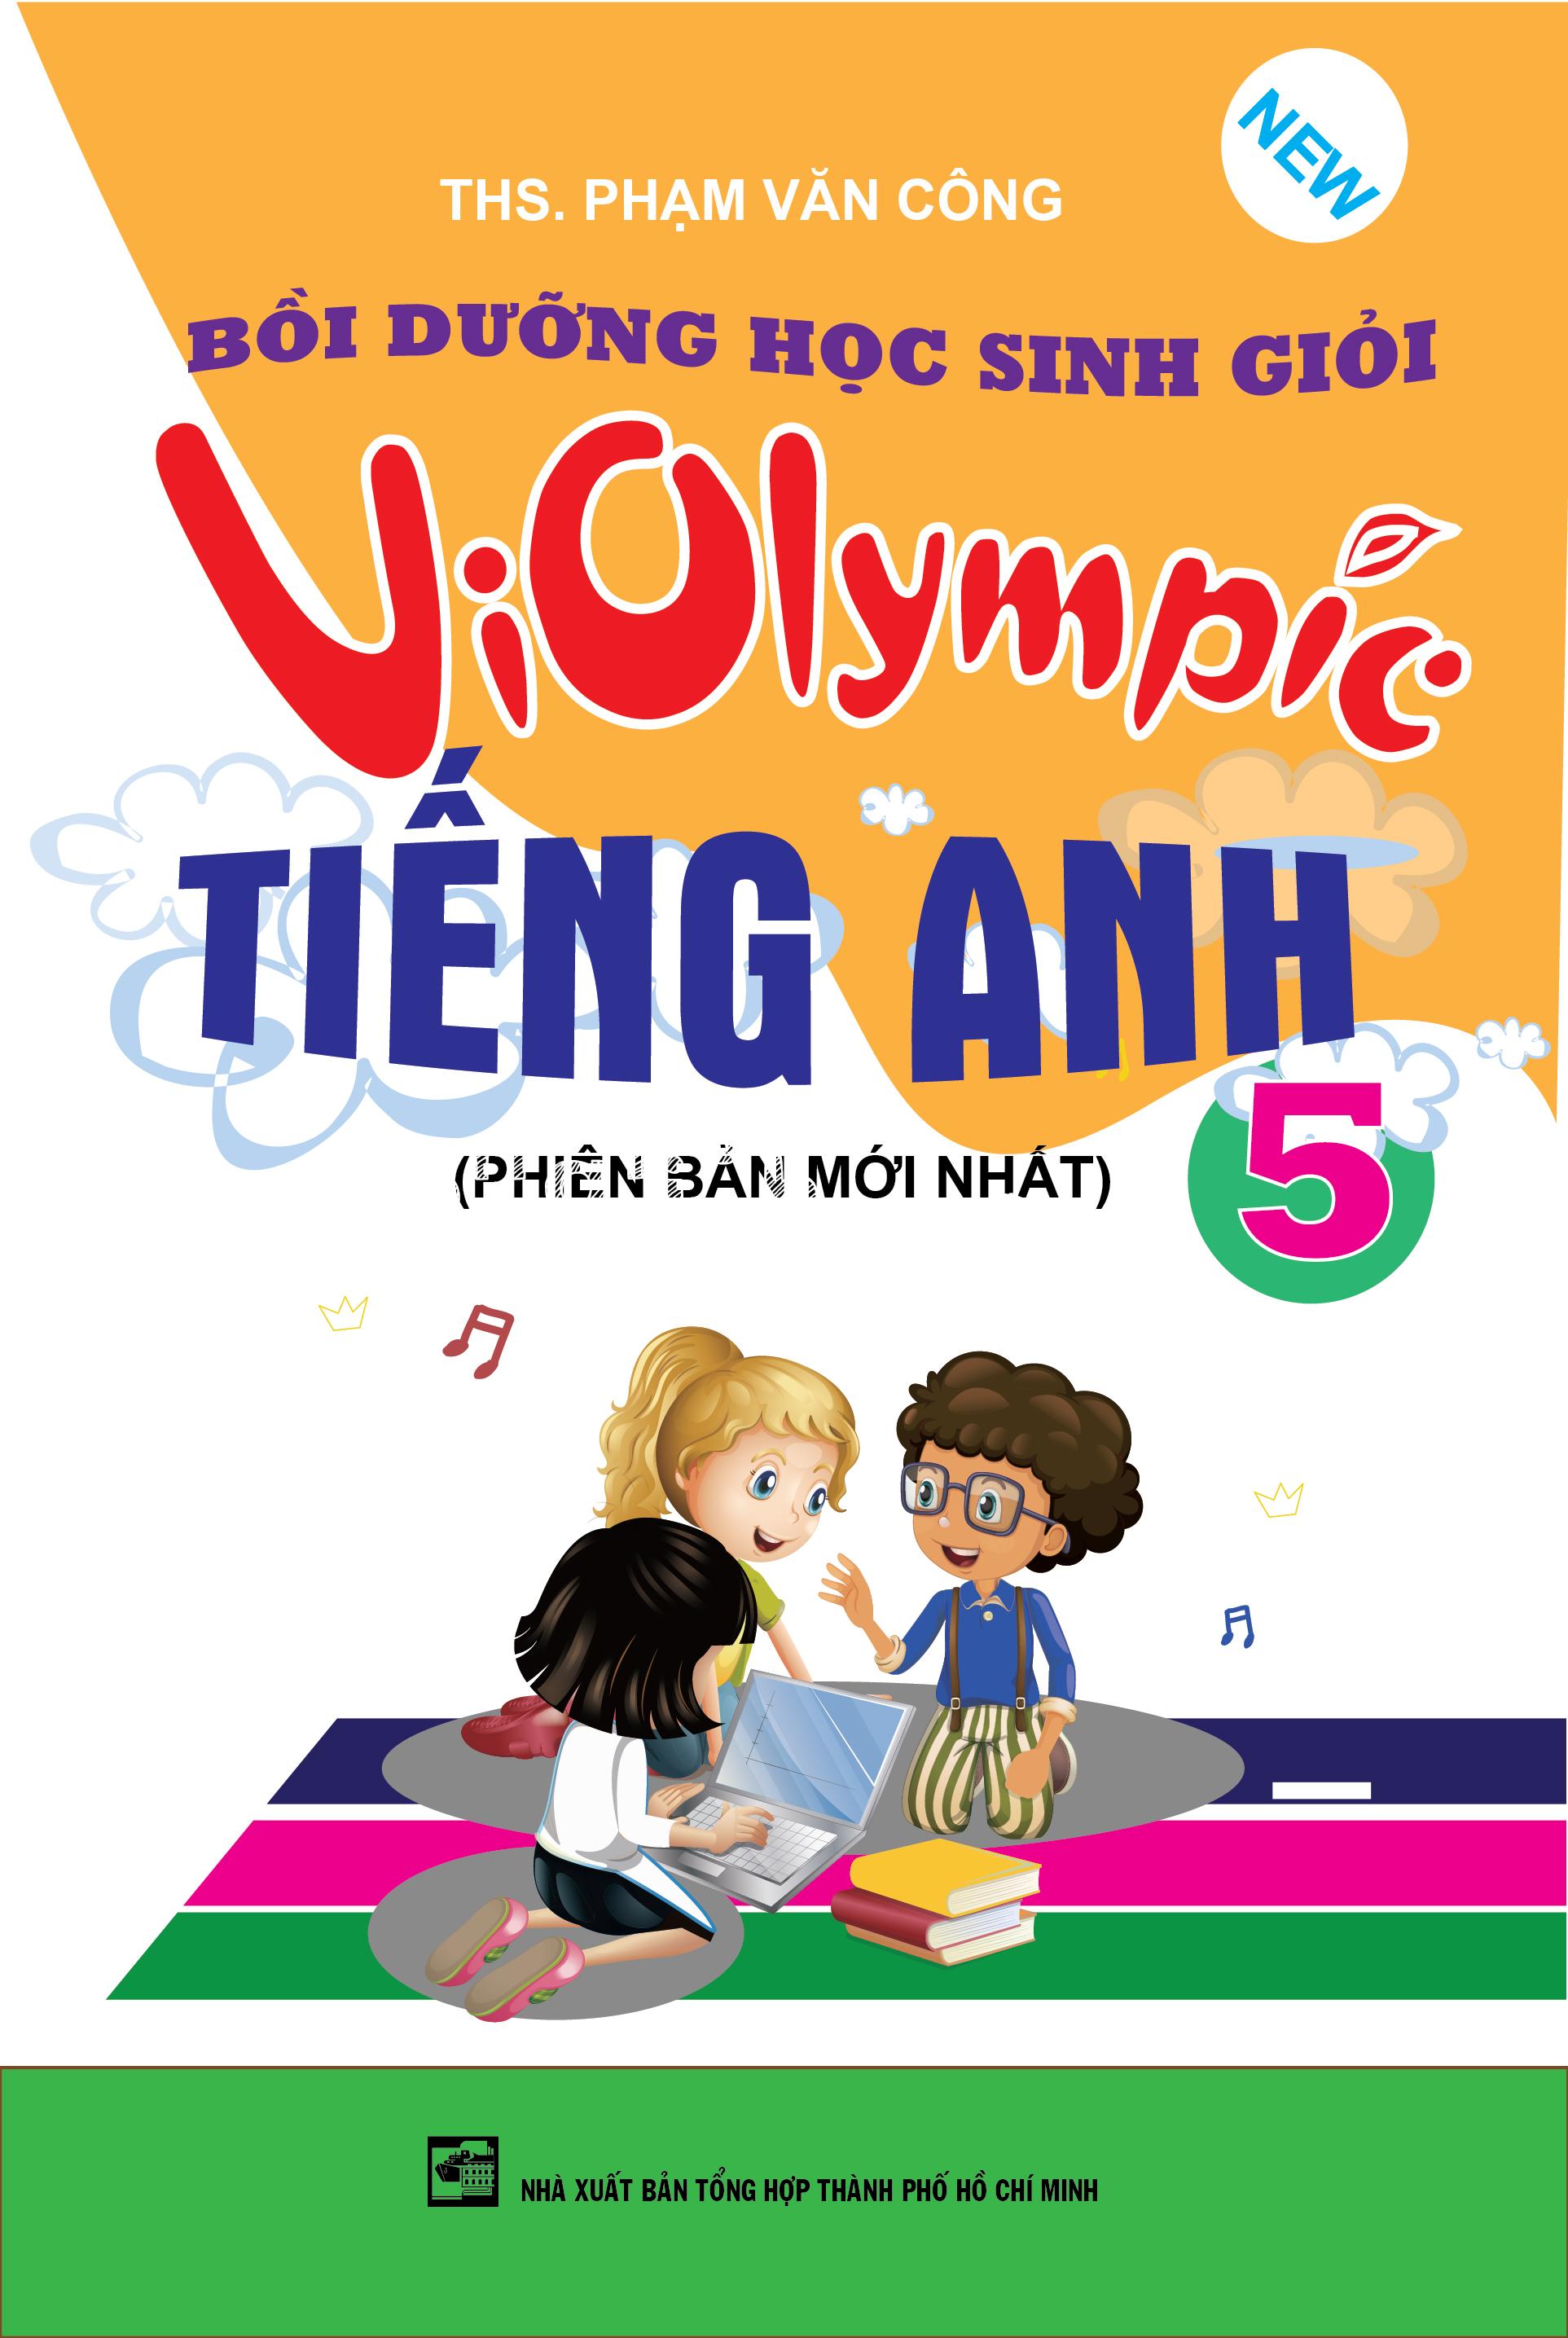 Bồi Dưỡng Học Sinh Giỏi Violympic Tiếng Anh Lớp 5